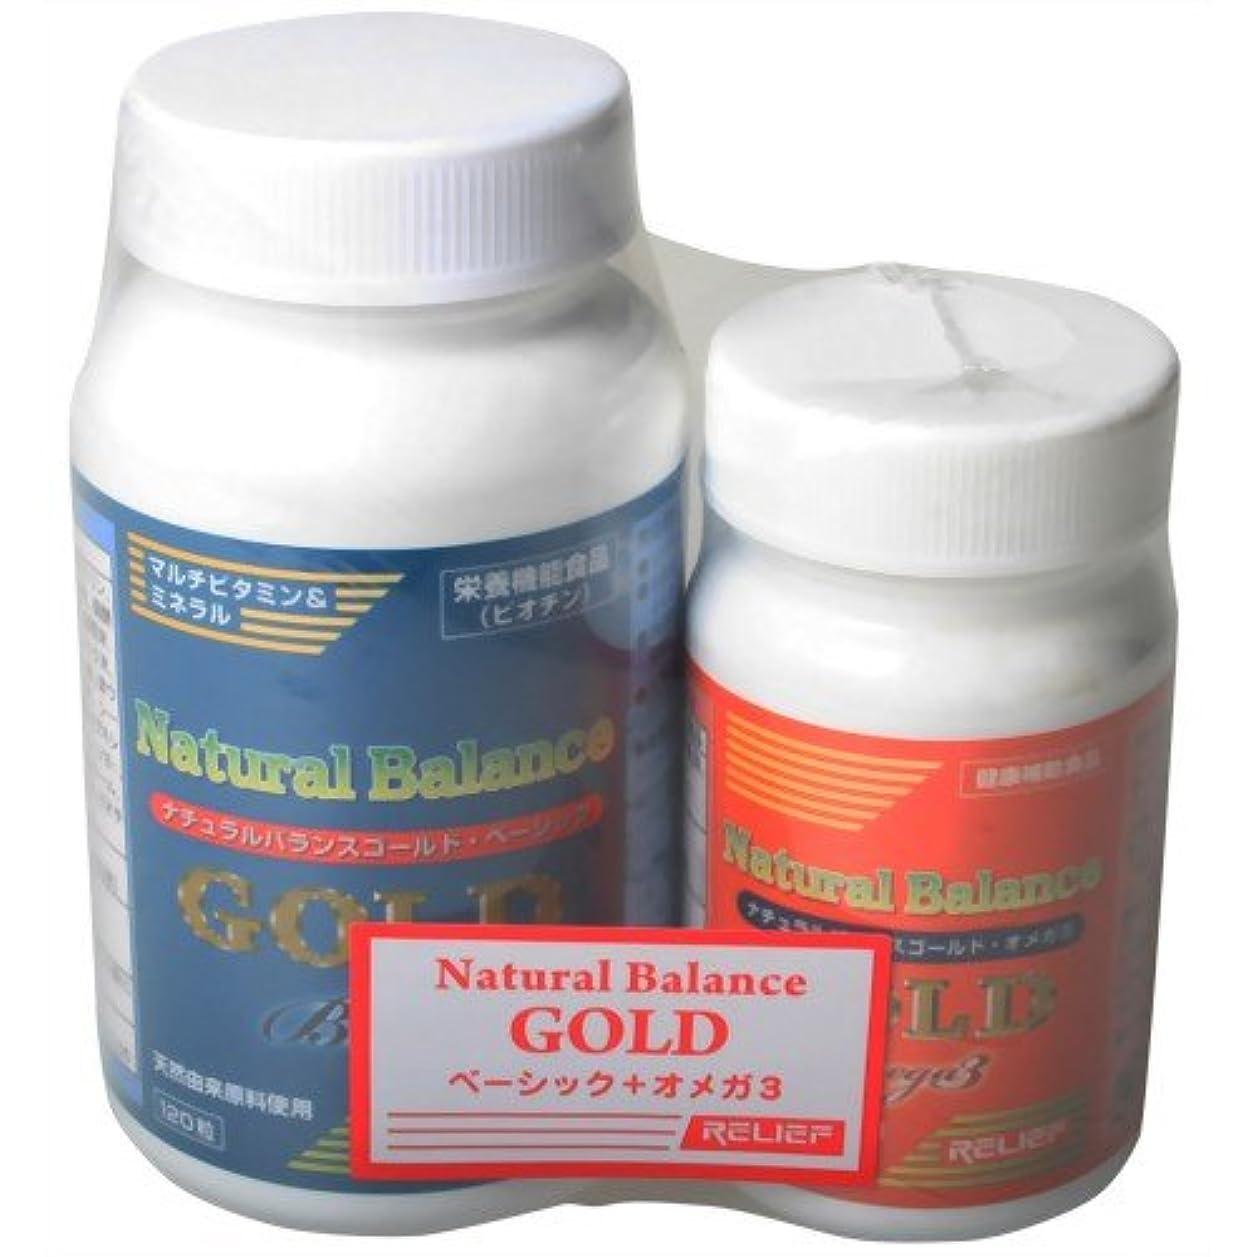 知事酸化する麻痺させるリリーフ ナチュラルバランスゴールド BASIC 120粒+オメガ3 30粒